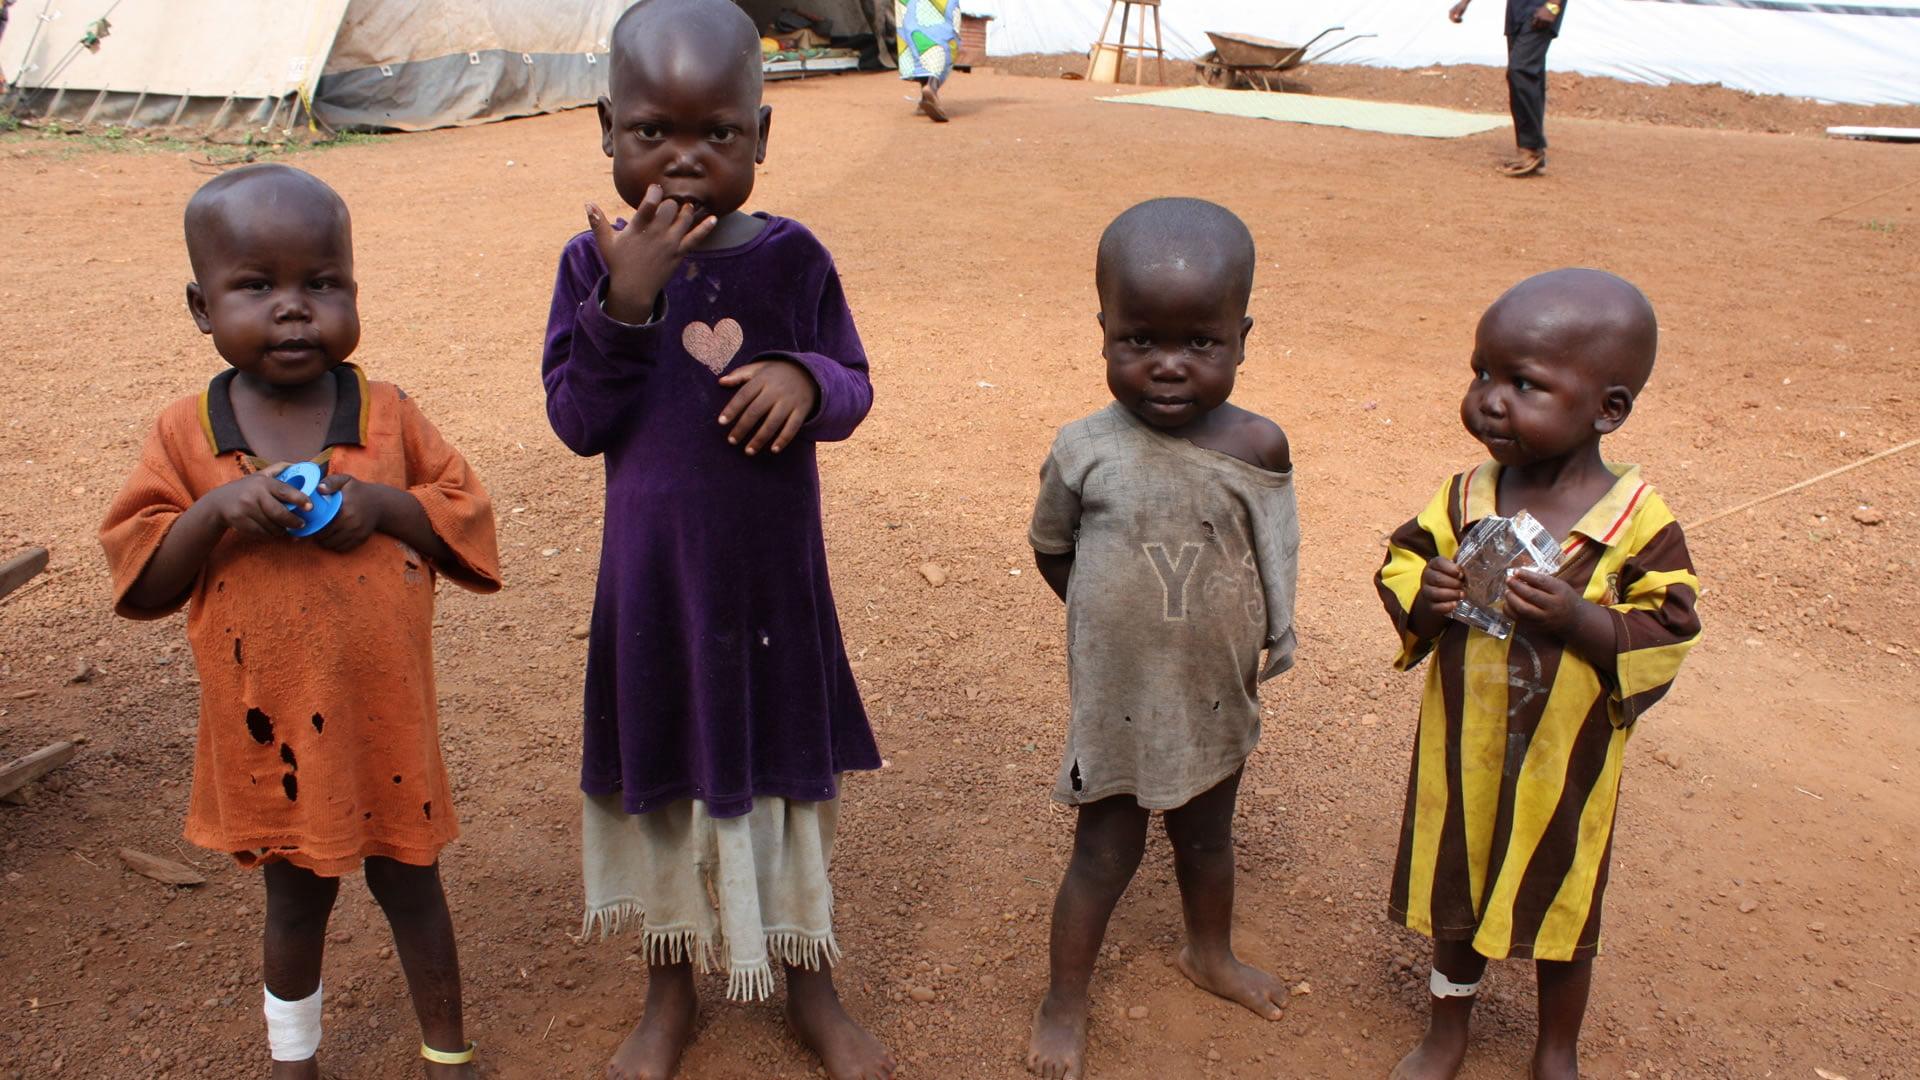 Fotos de la pobreza de africa